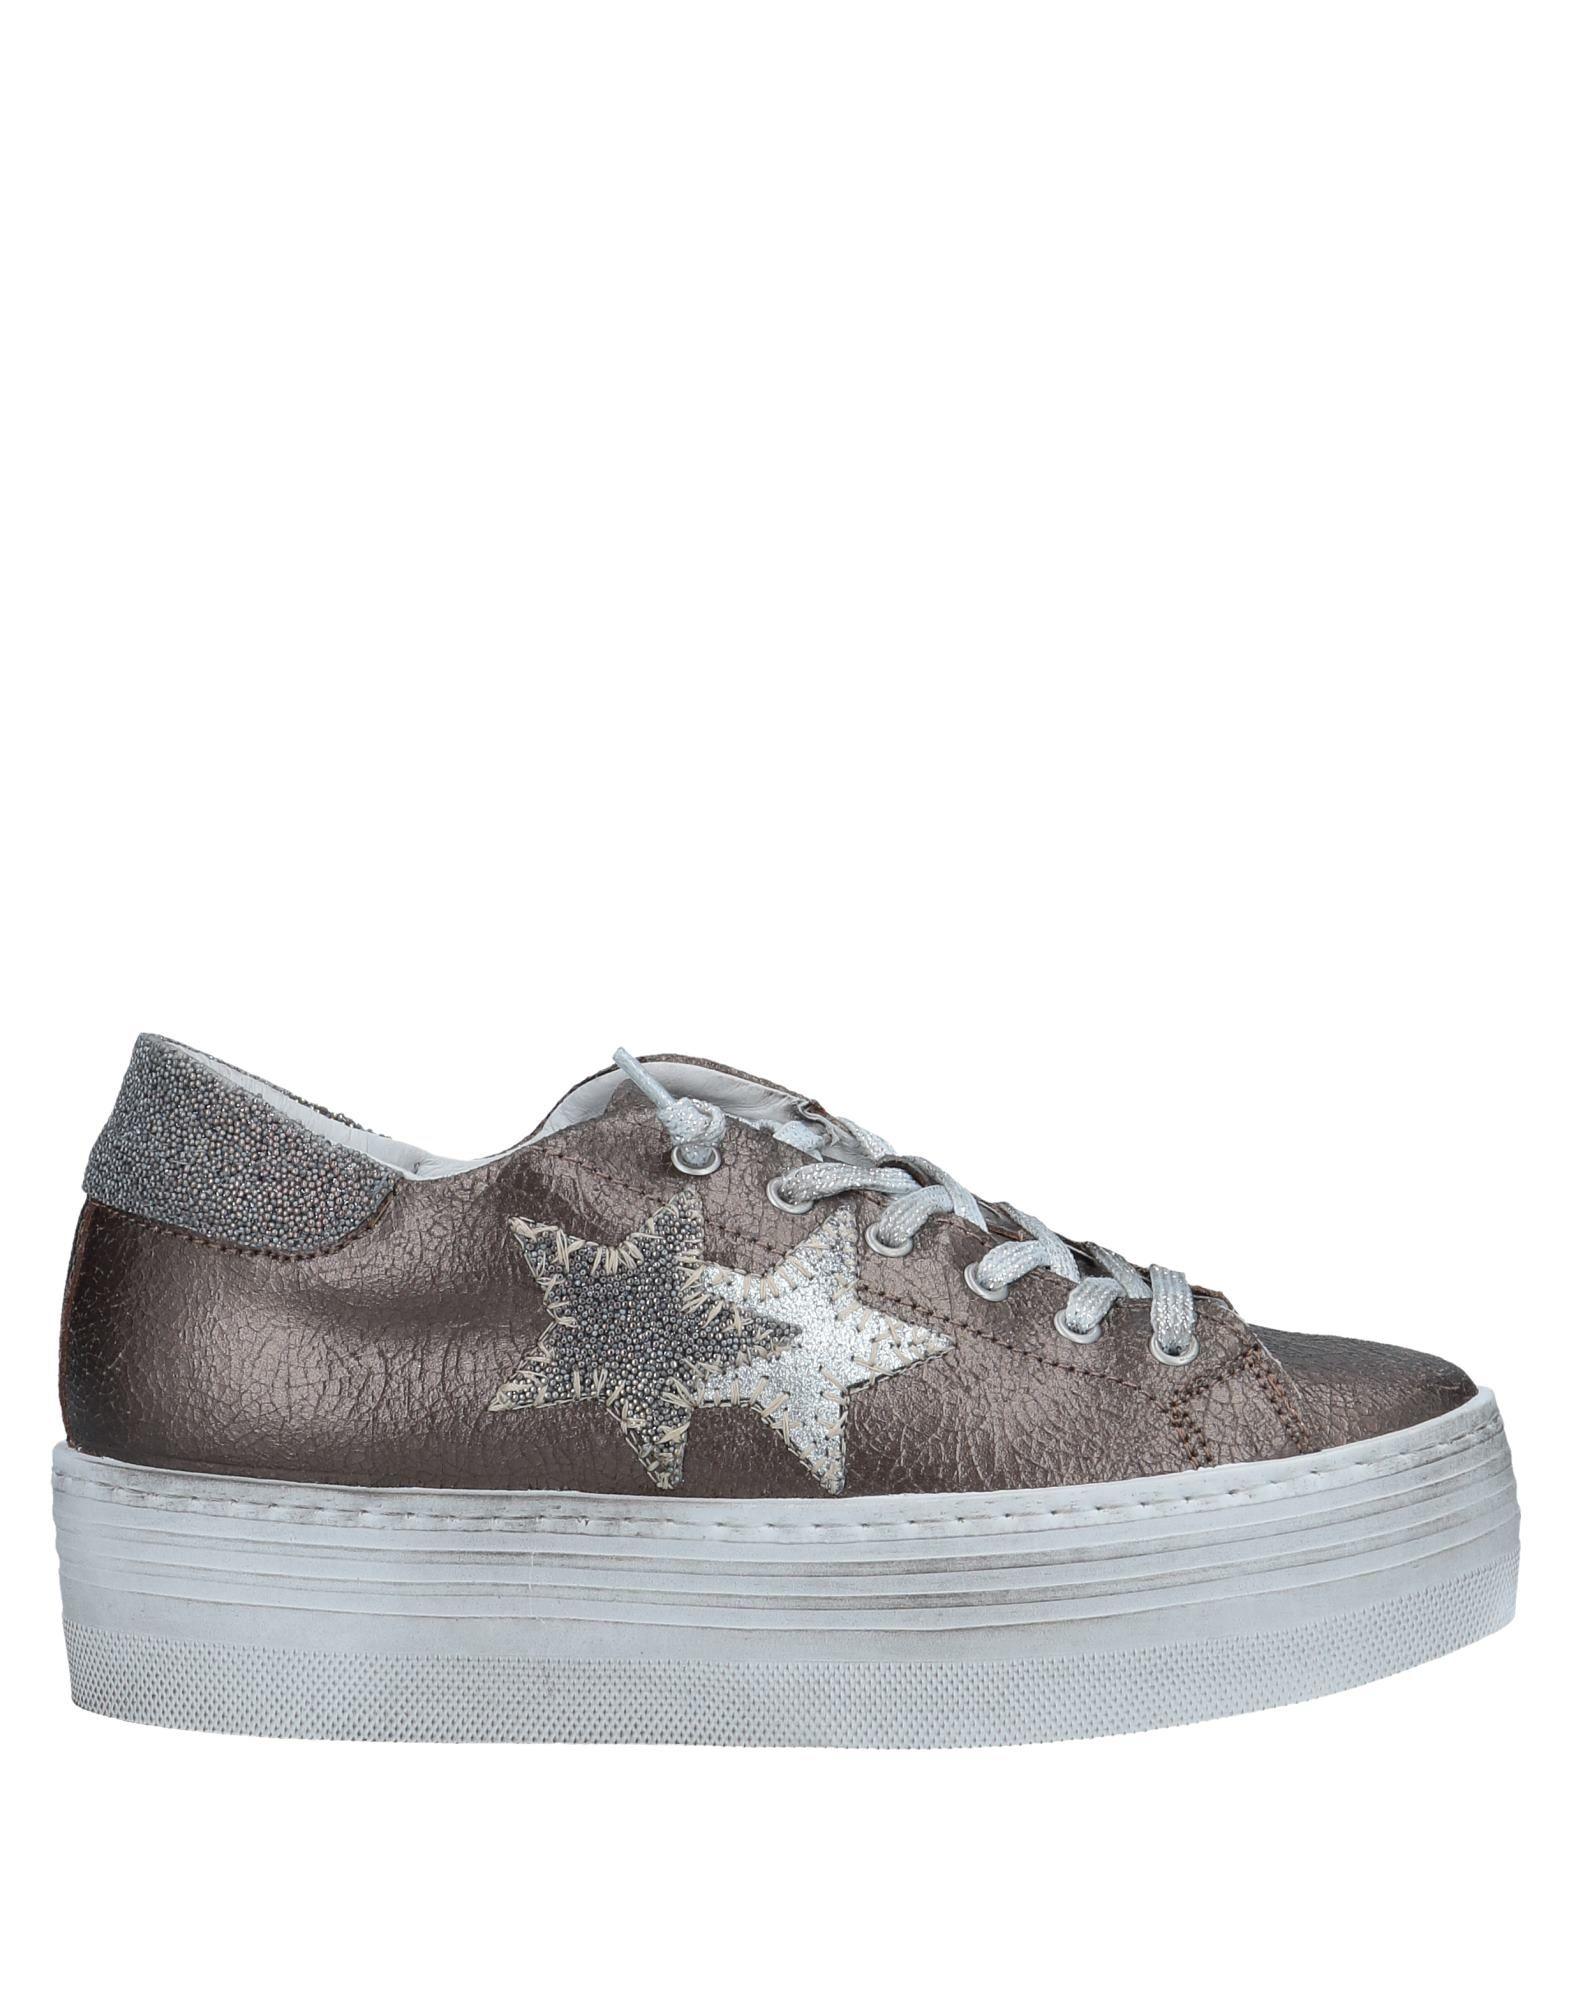 2Star Sneakers online - Women 2Star Sneakers online Sneakers on  Canada - 11553978OO 600ec4